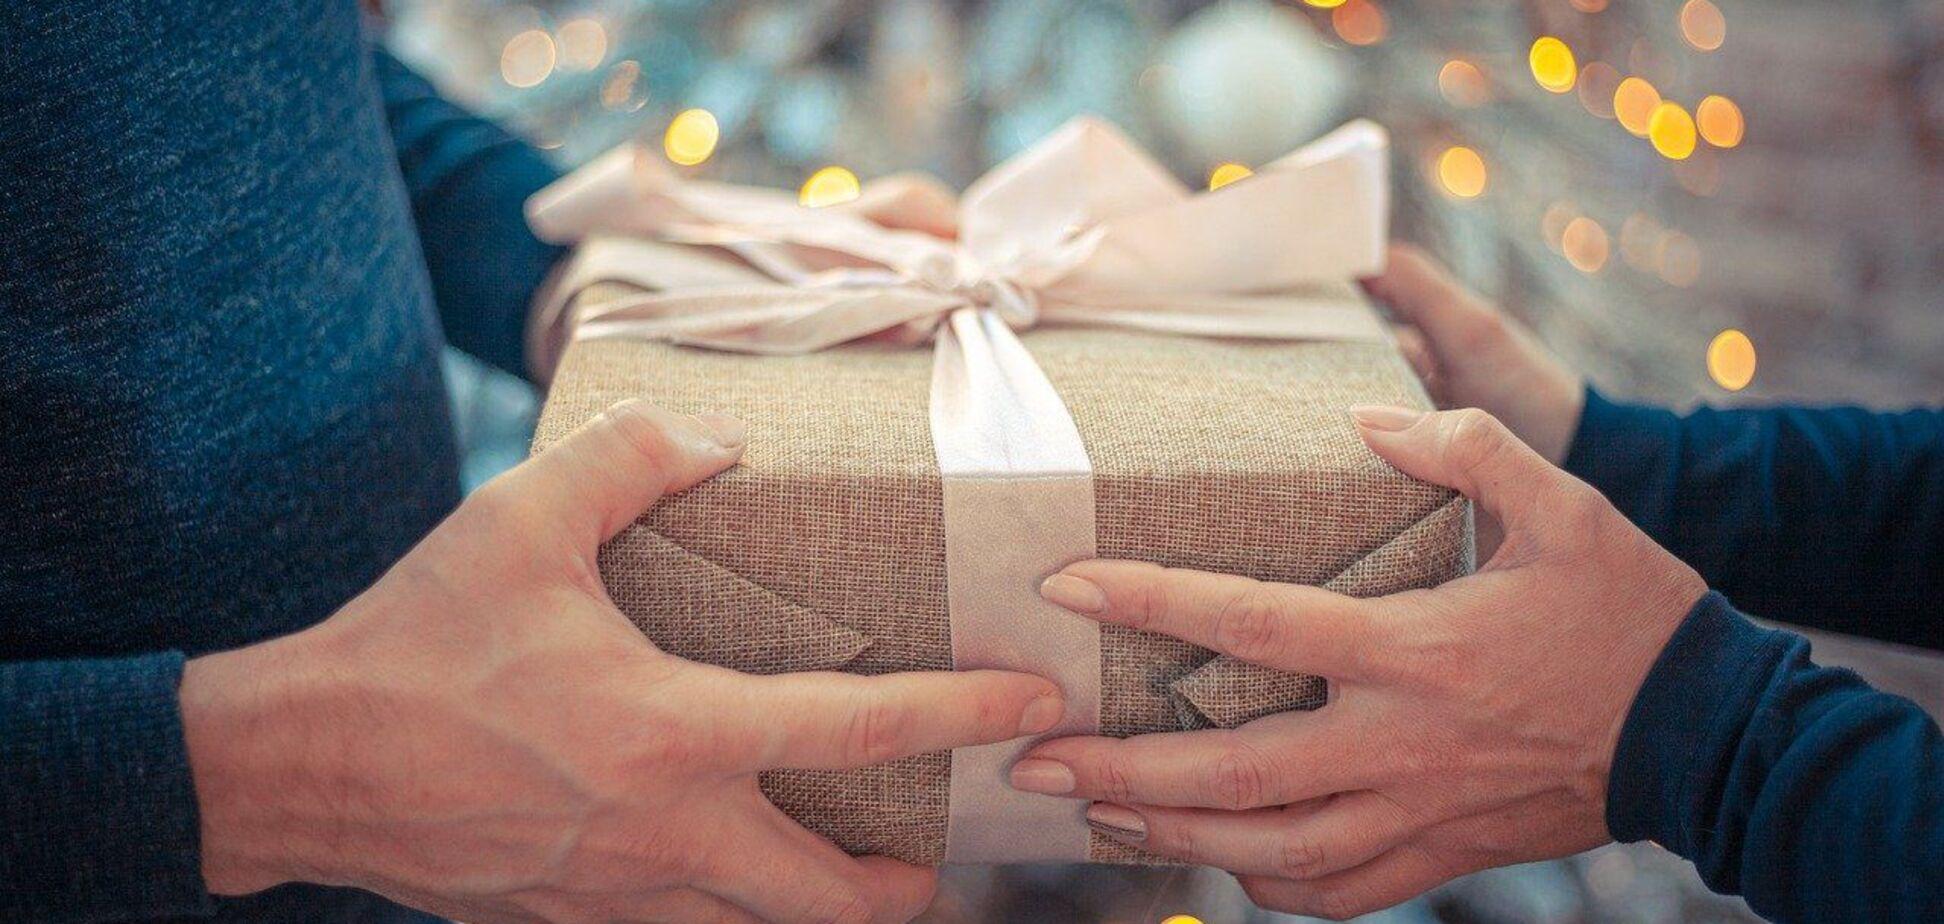 На рік Бика психологи рекомендують дарувати корисні та практичні подарунки